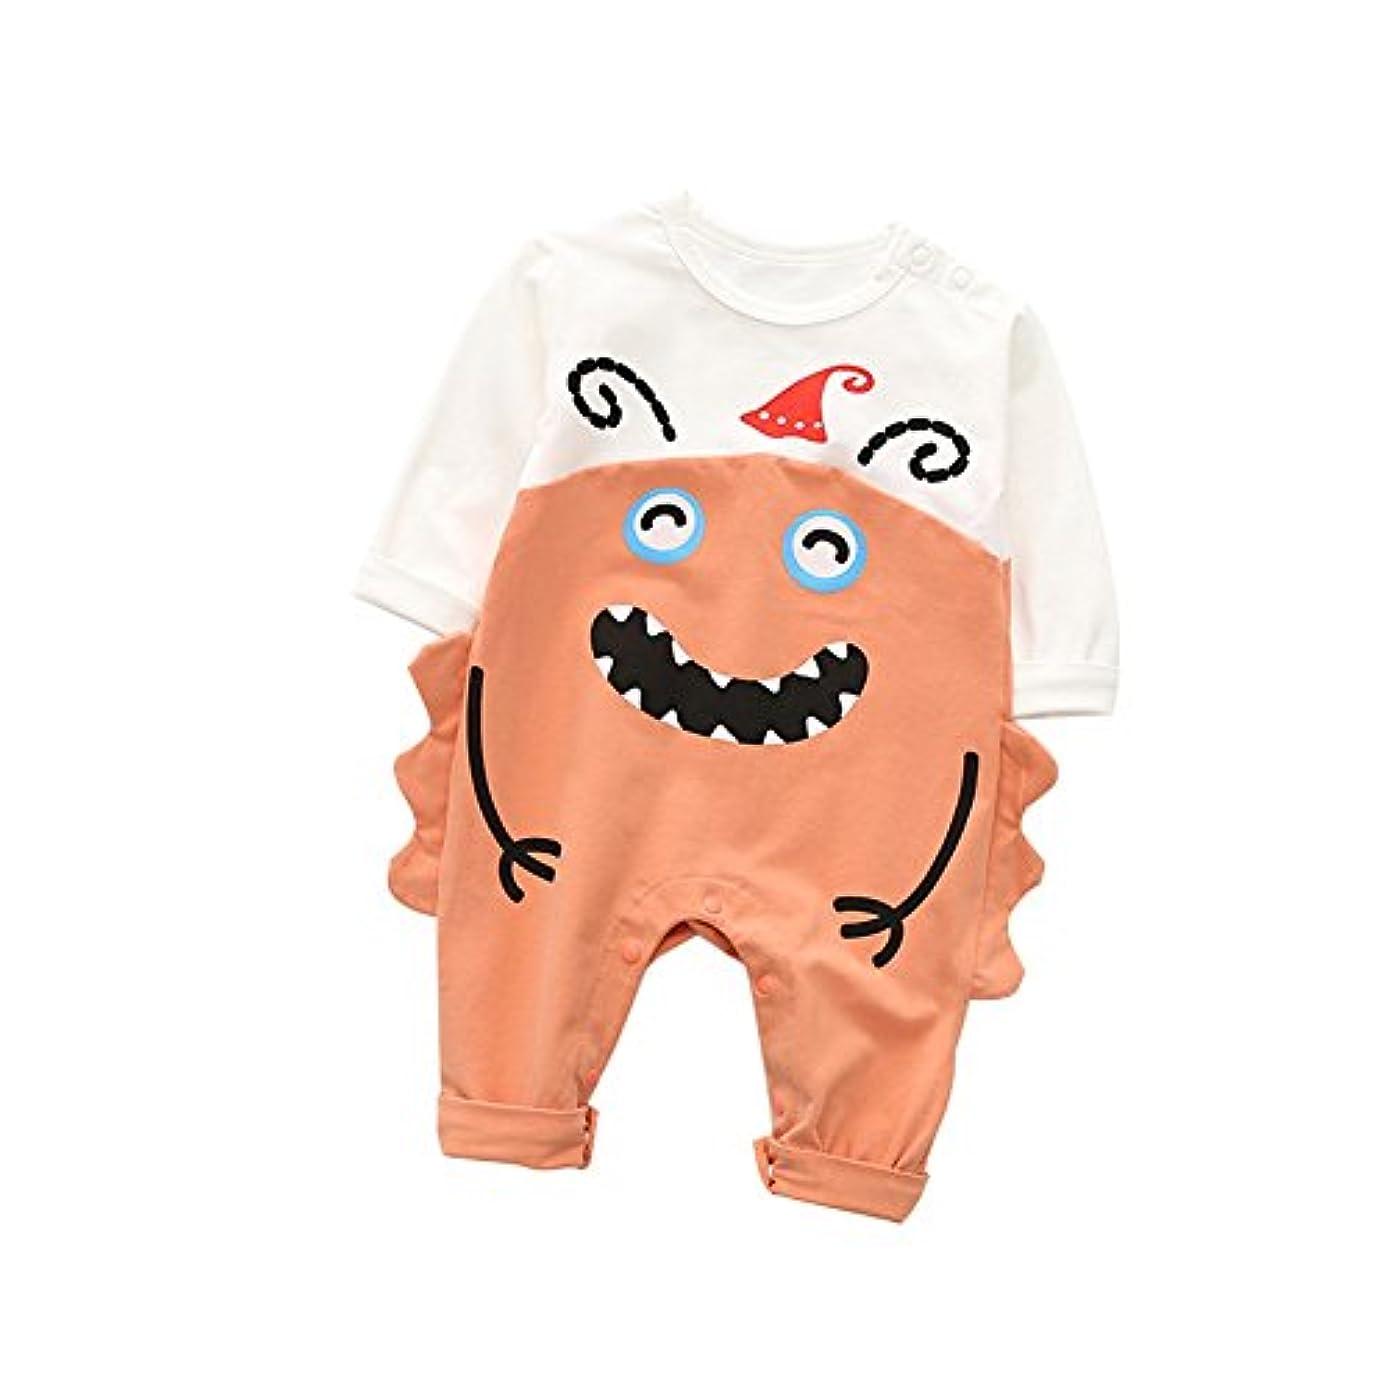 素敵な破滅グラフィックMornyray ベビー服 ロンパース カバーオール 長袖 女の子 赤ちゃん 肌着 インナー パジャマ コットン ハロウィン 怪獣 size 80 (レッド)